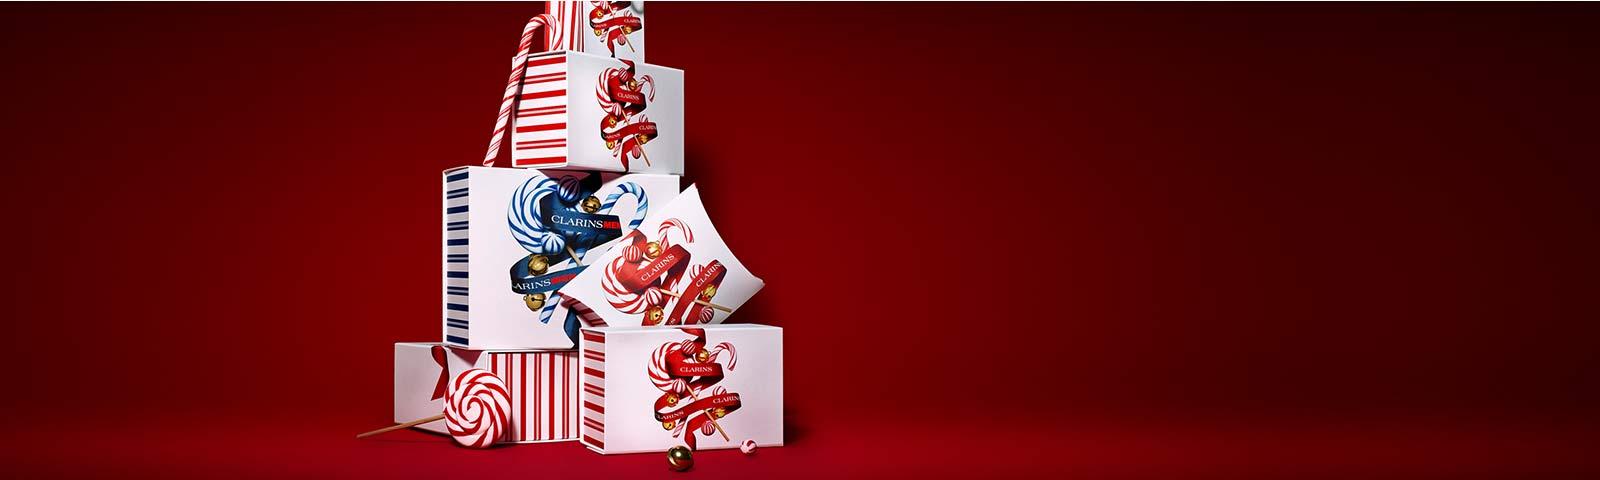 Boutique de Noël - Clarins